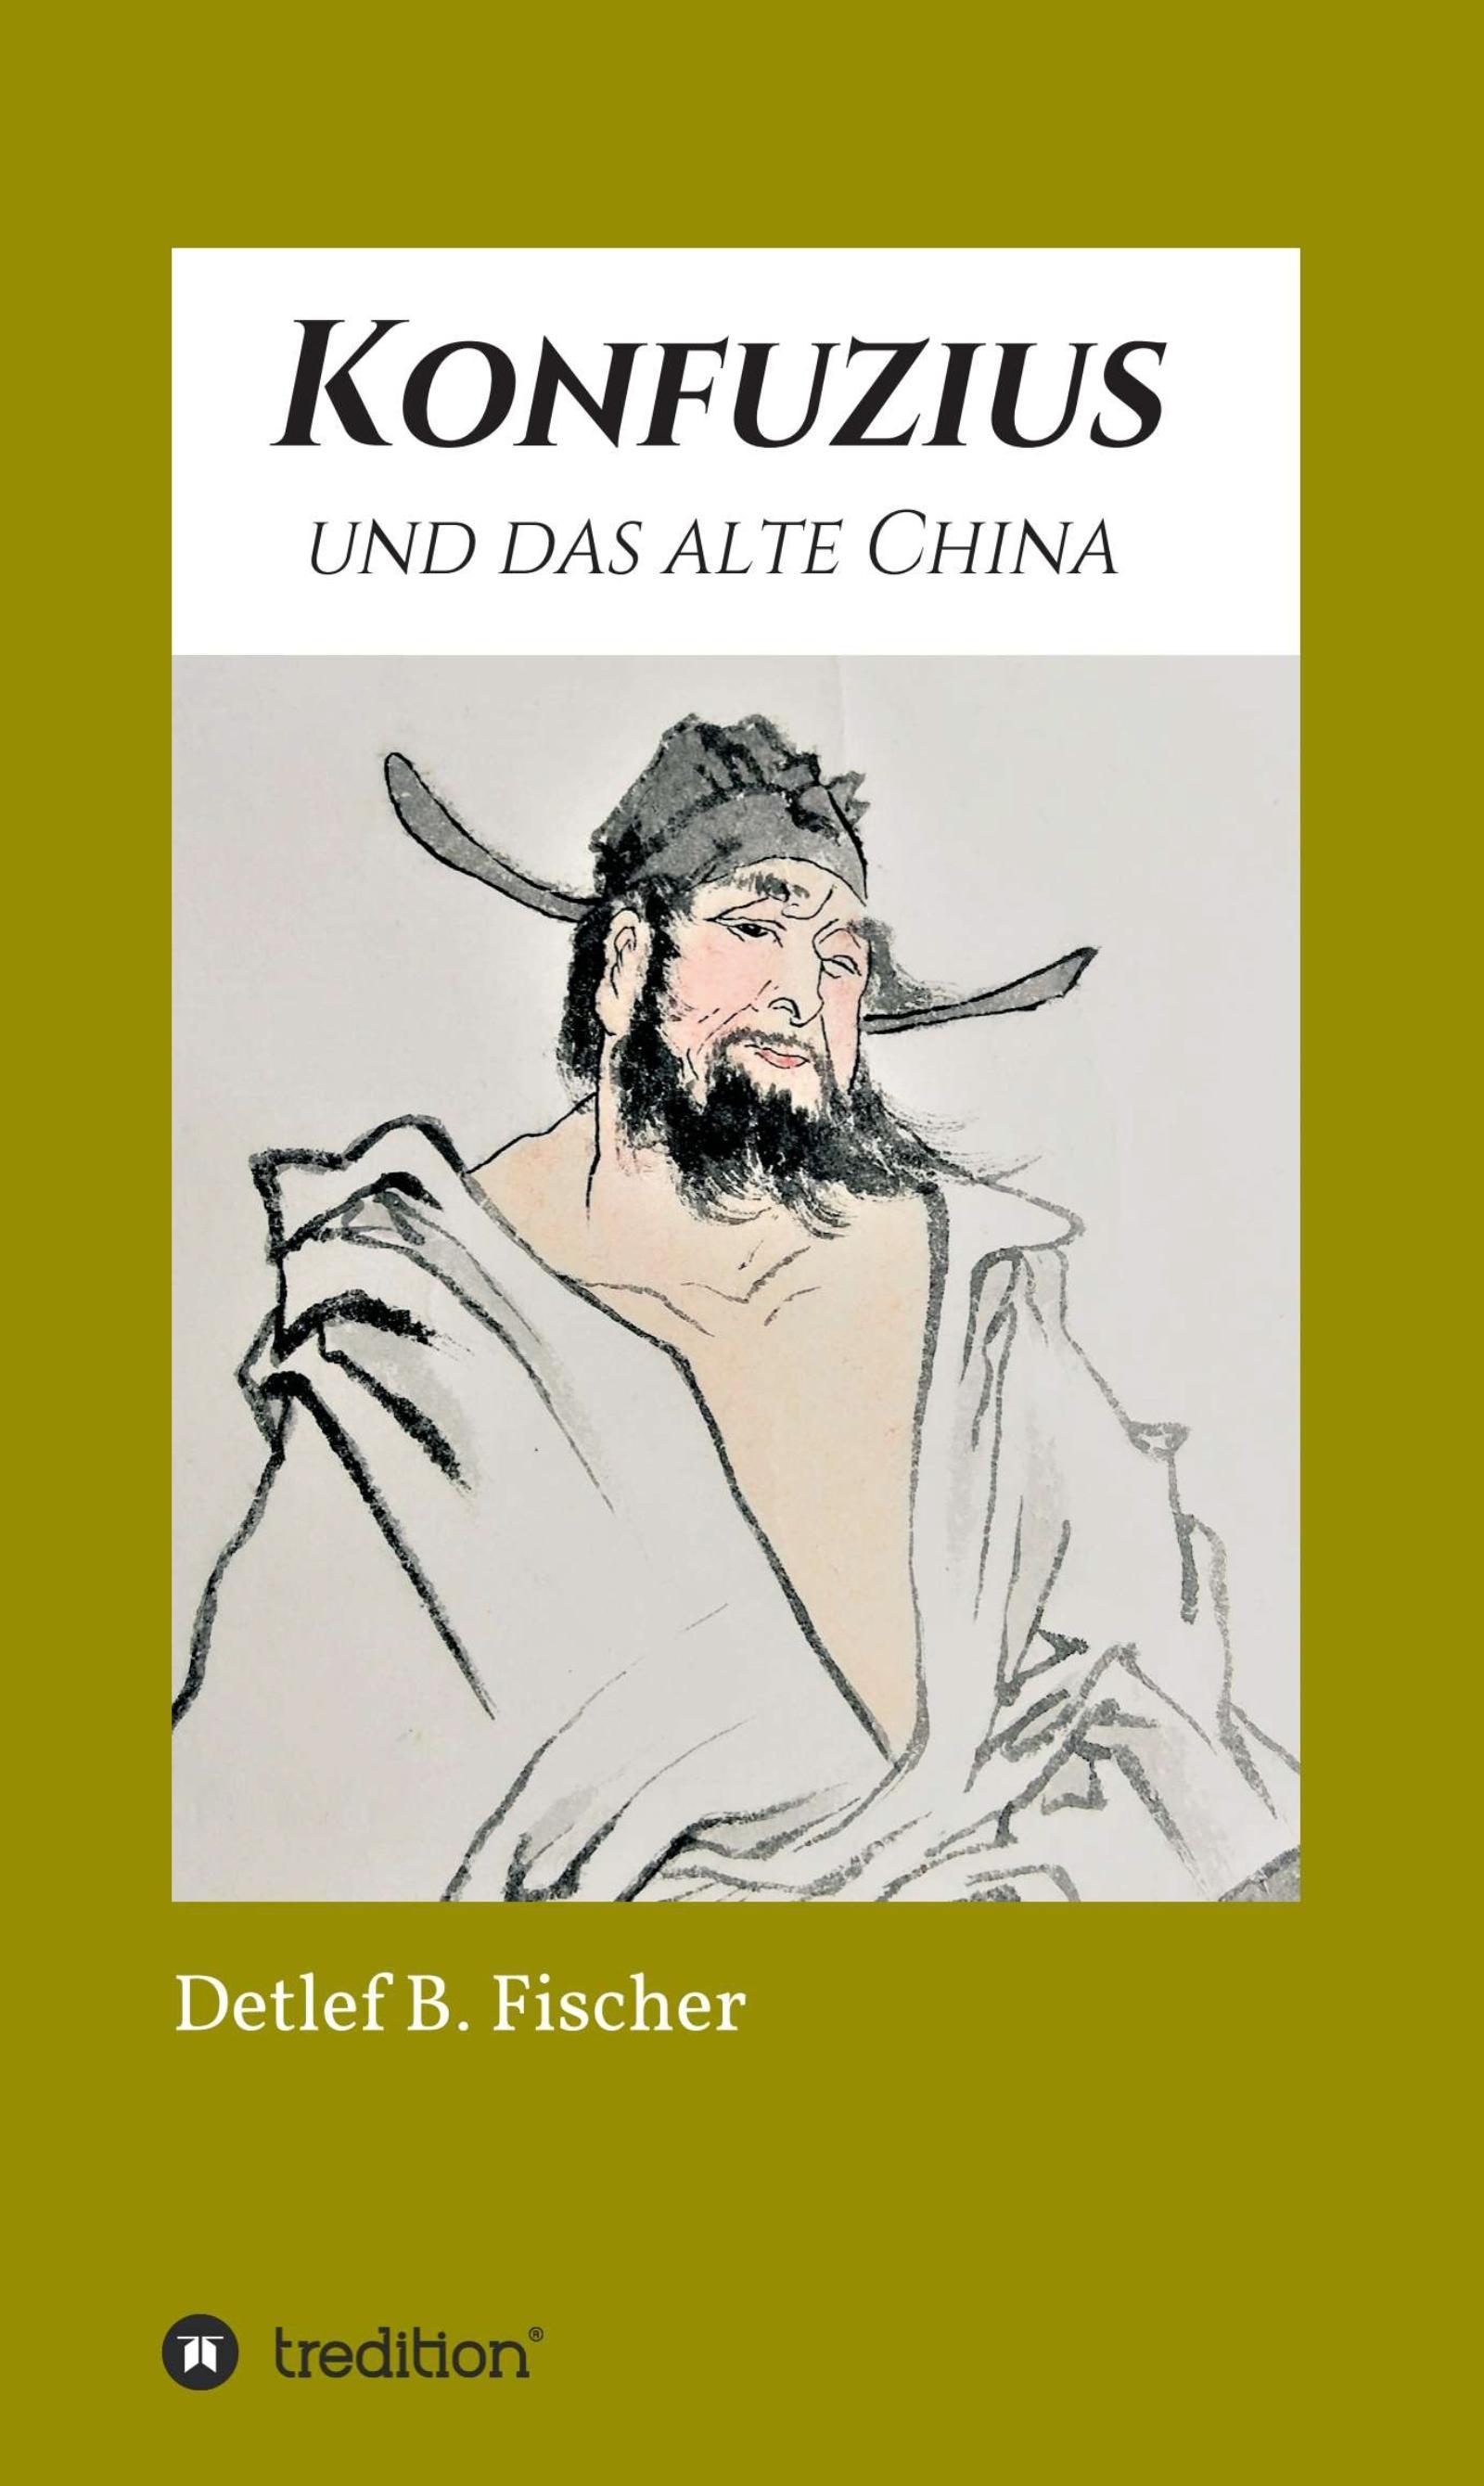 Konfuzius und das alte China